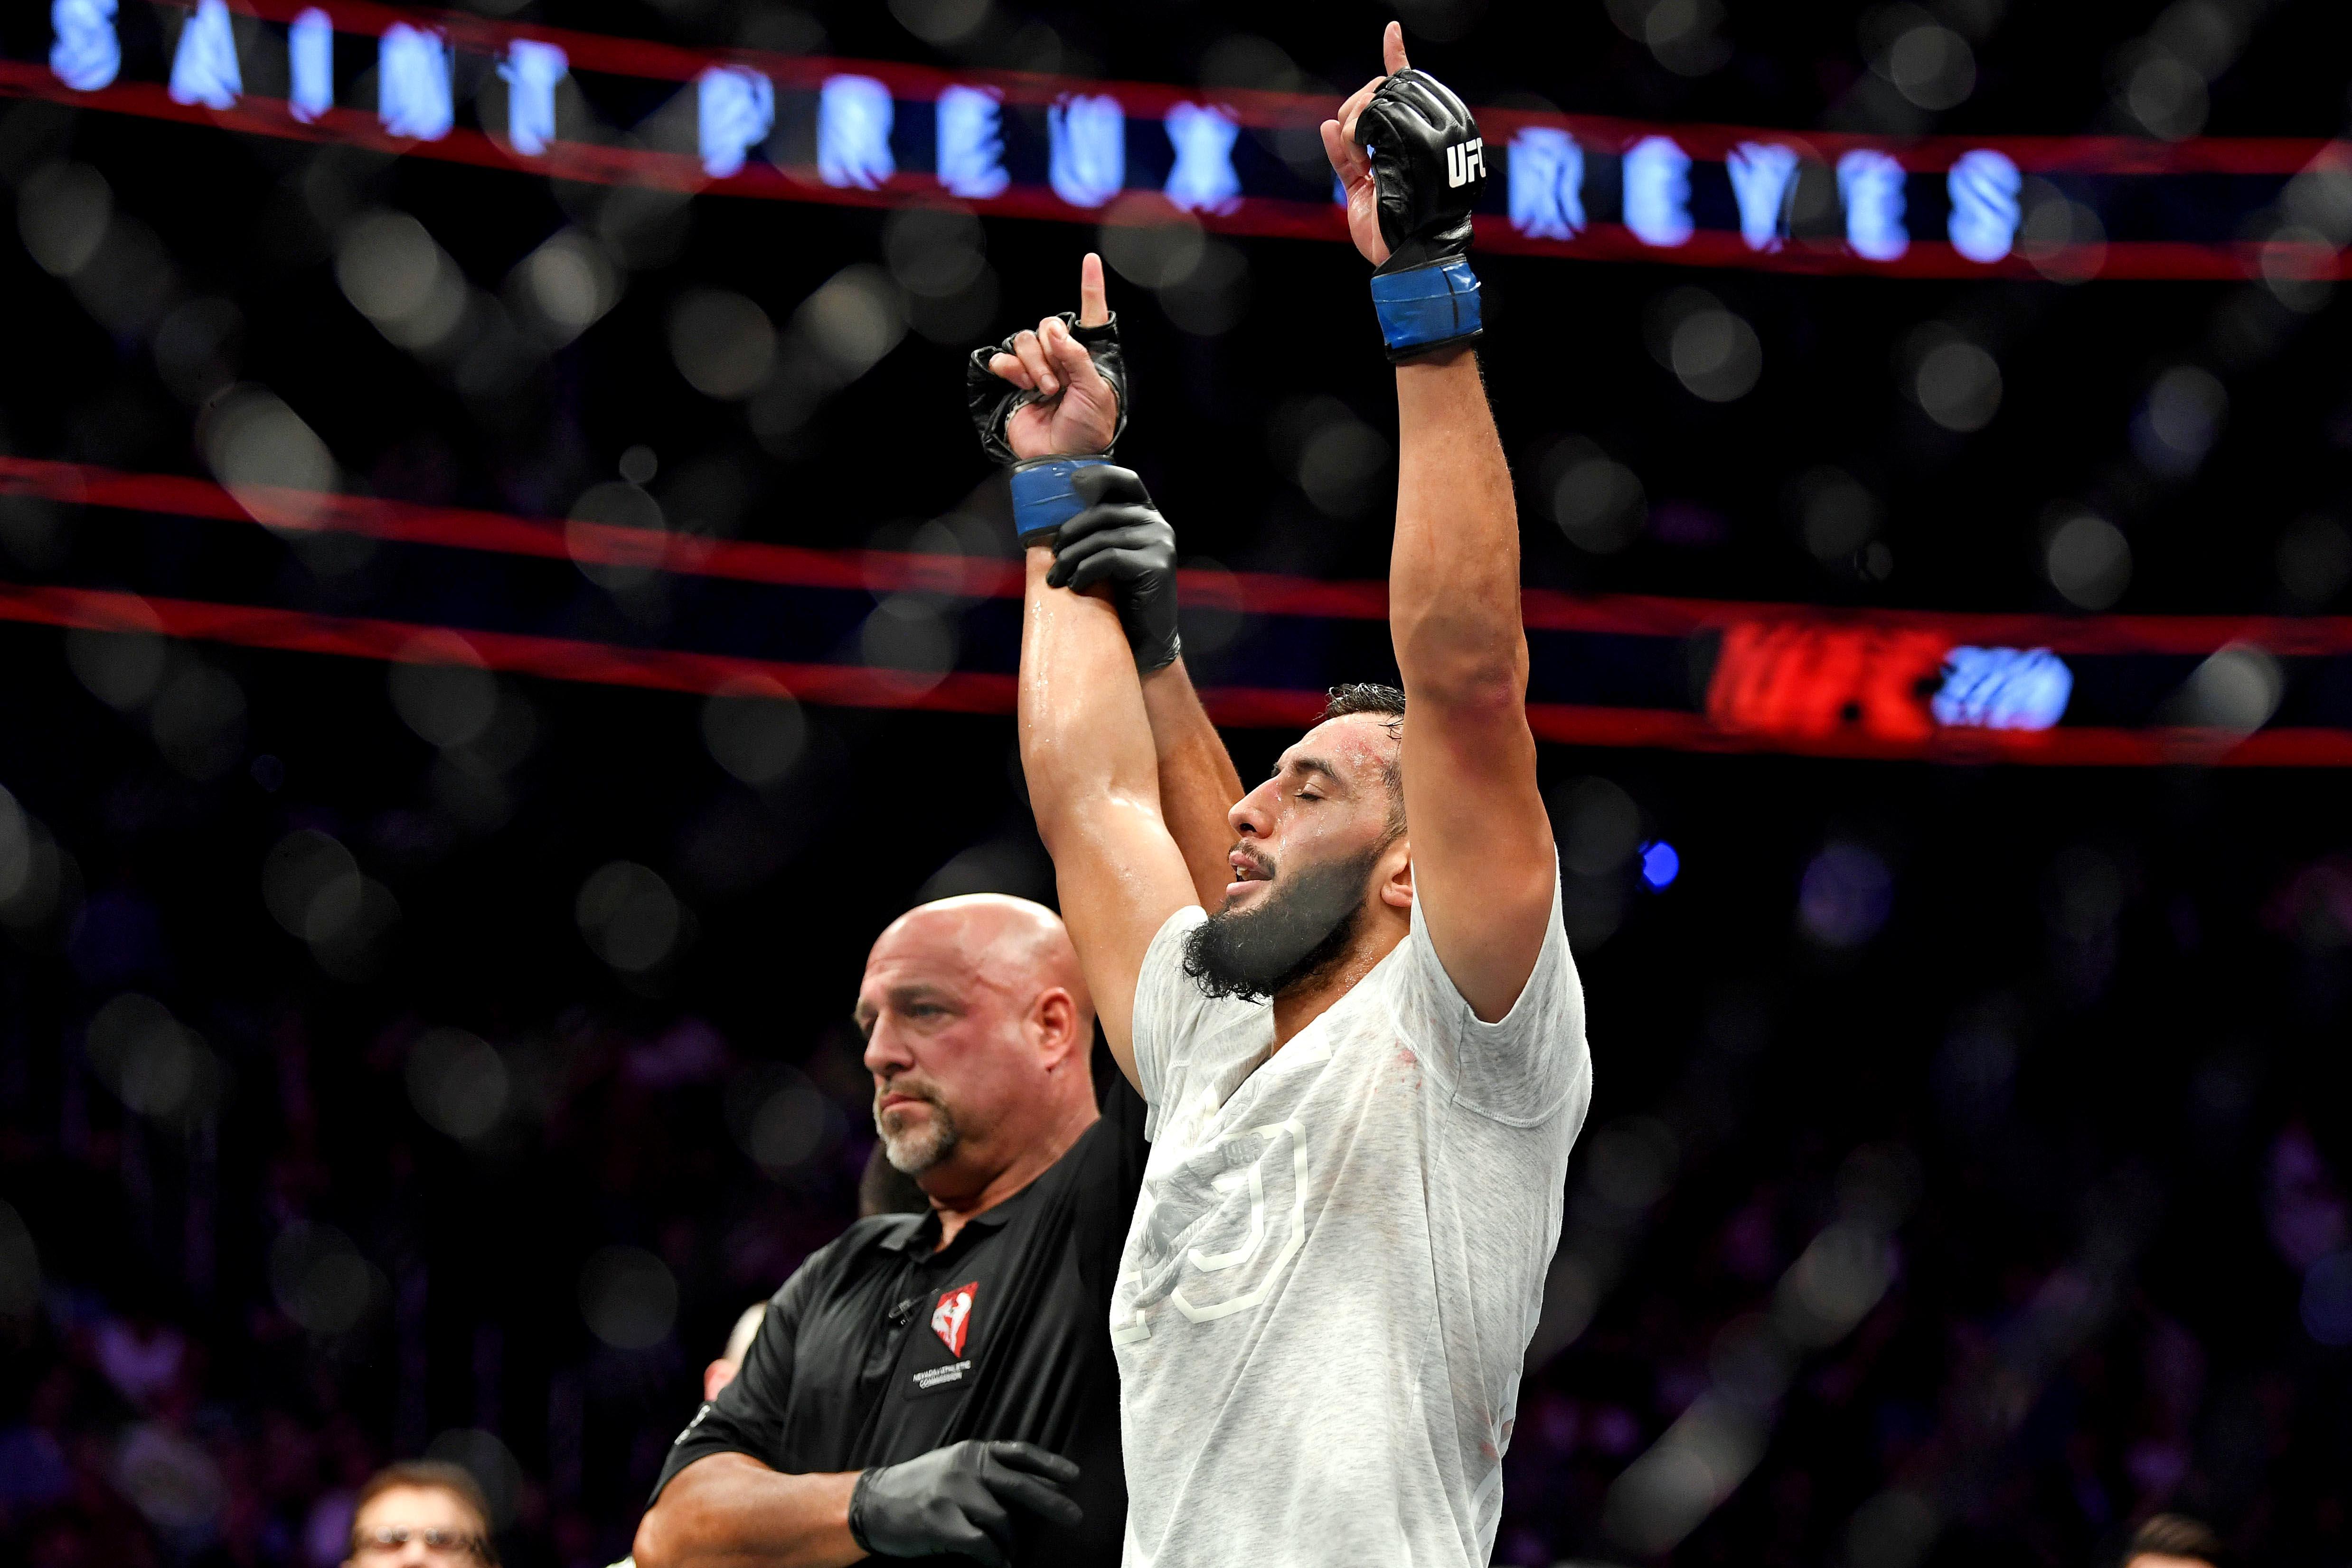 爱游戏app下载的游戏不能玩MMA:UFC 229-Saint Prex VS Reyes